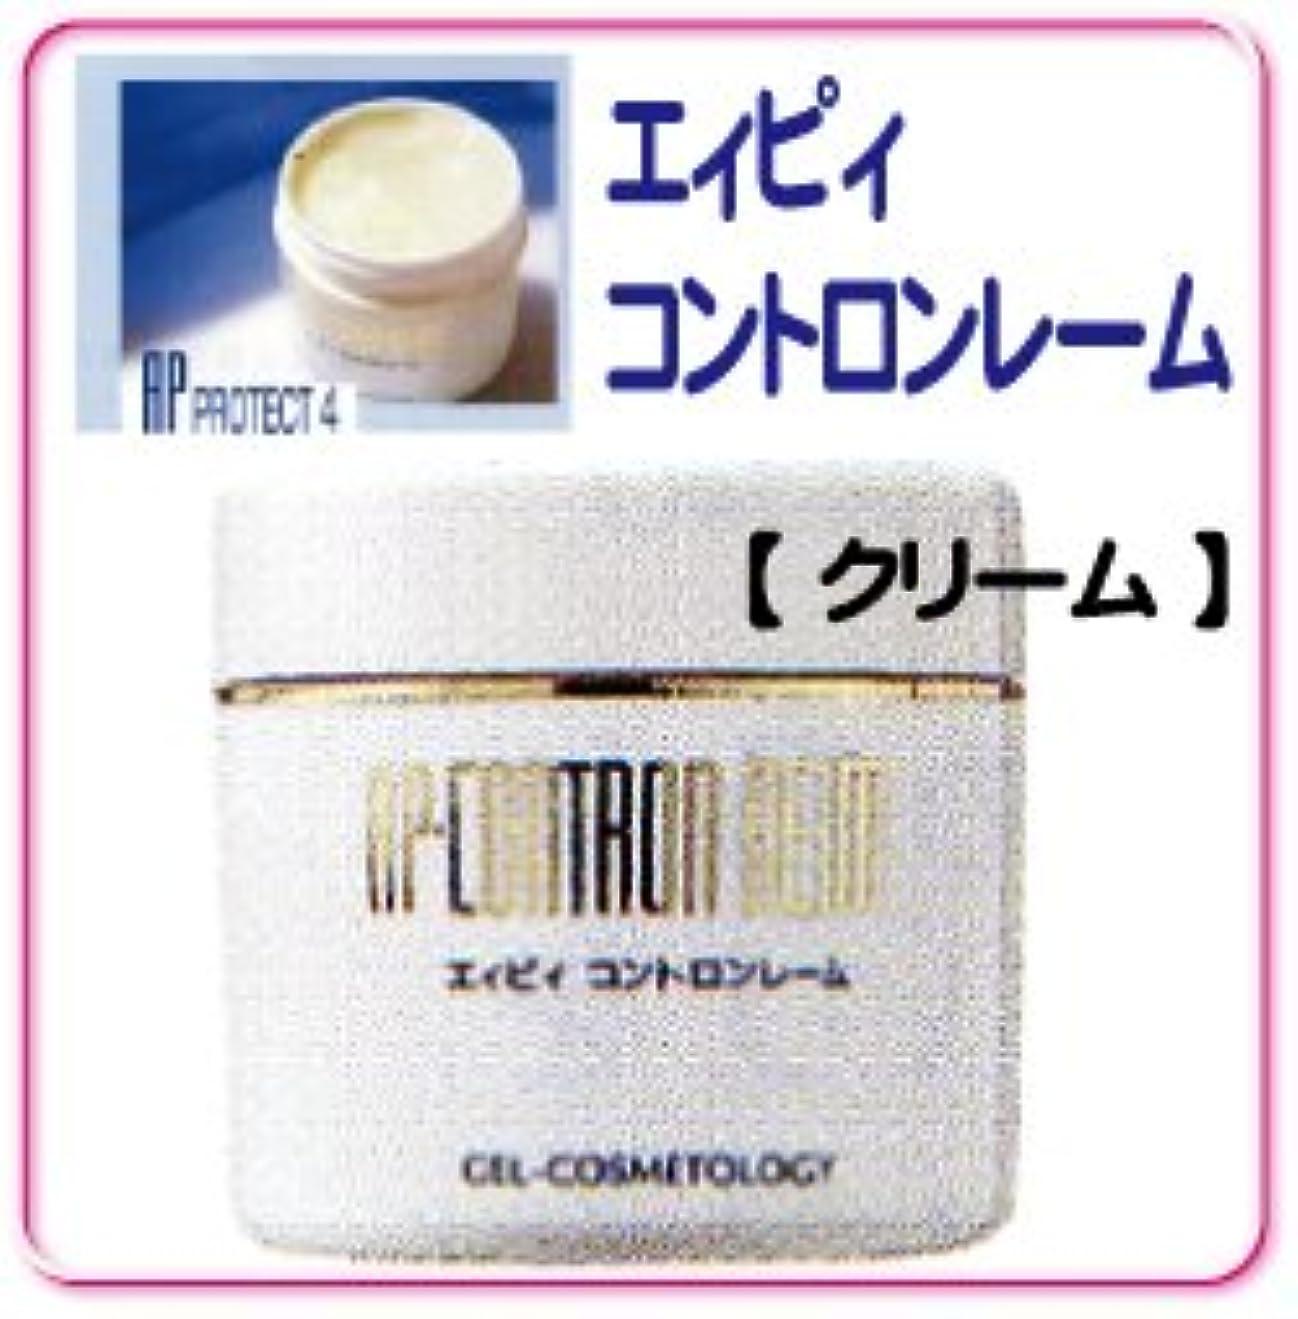 航空栄養乱闘ベルマン化粧品 APprotectシリーズ  コントロンレーム  敏感肌用クリーム 110g